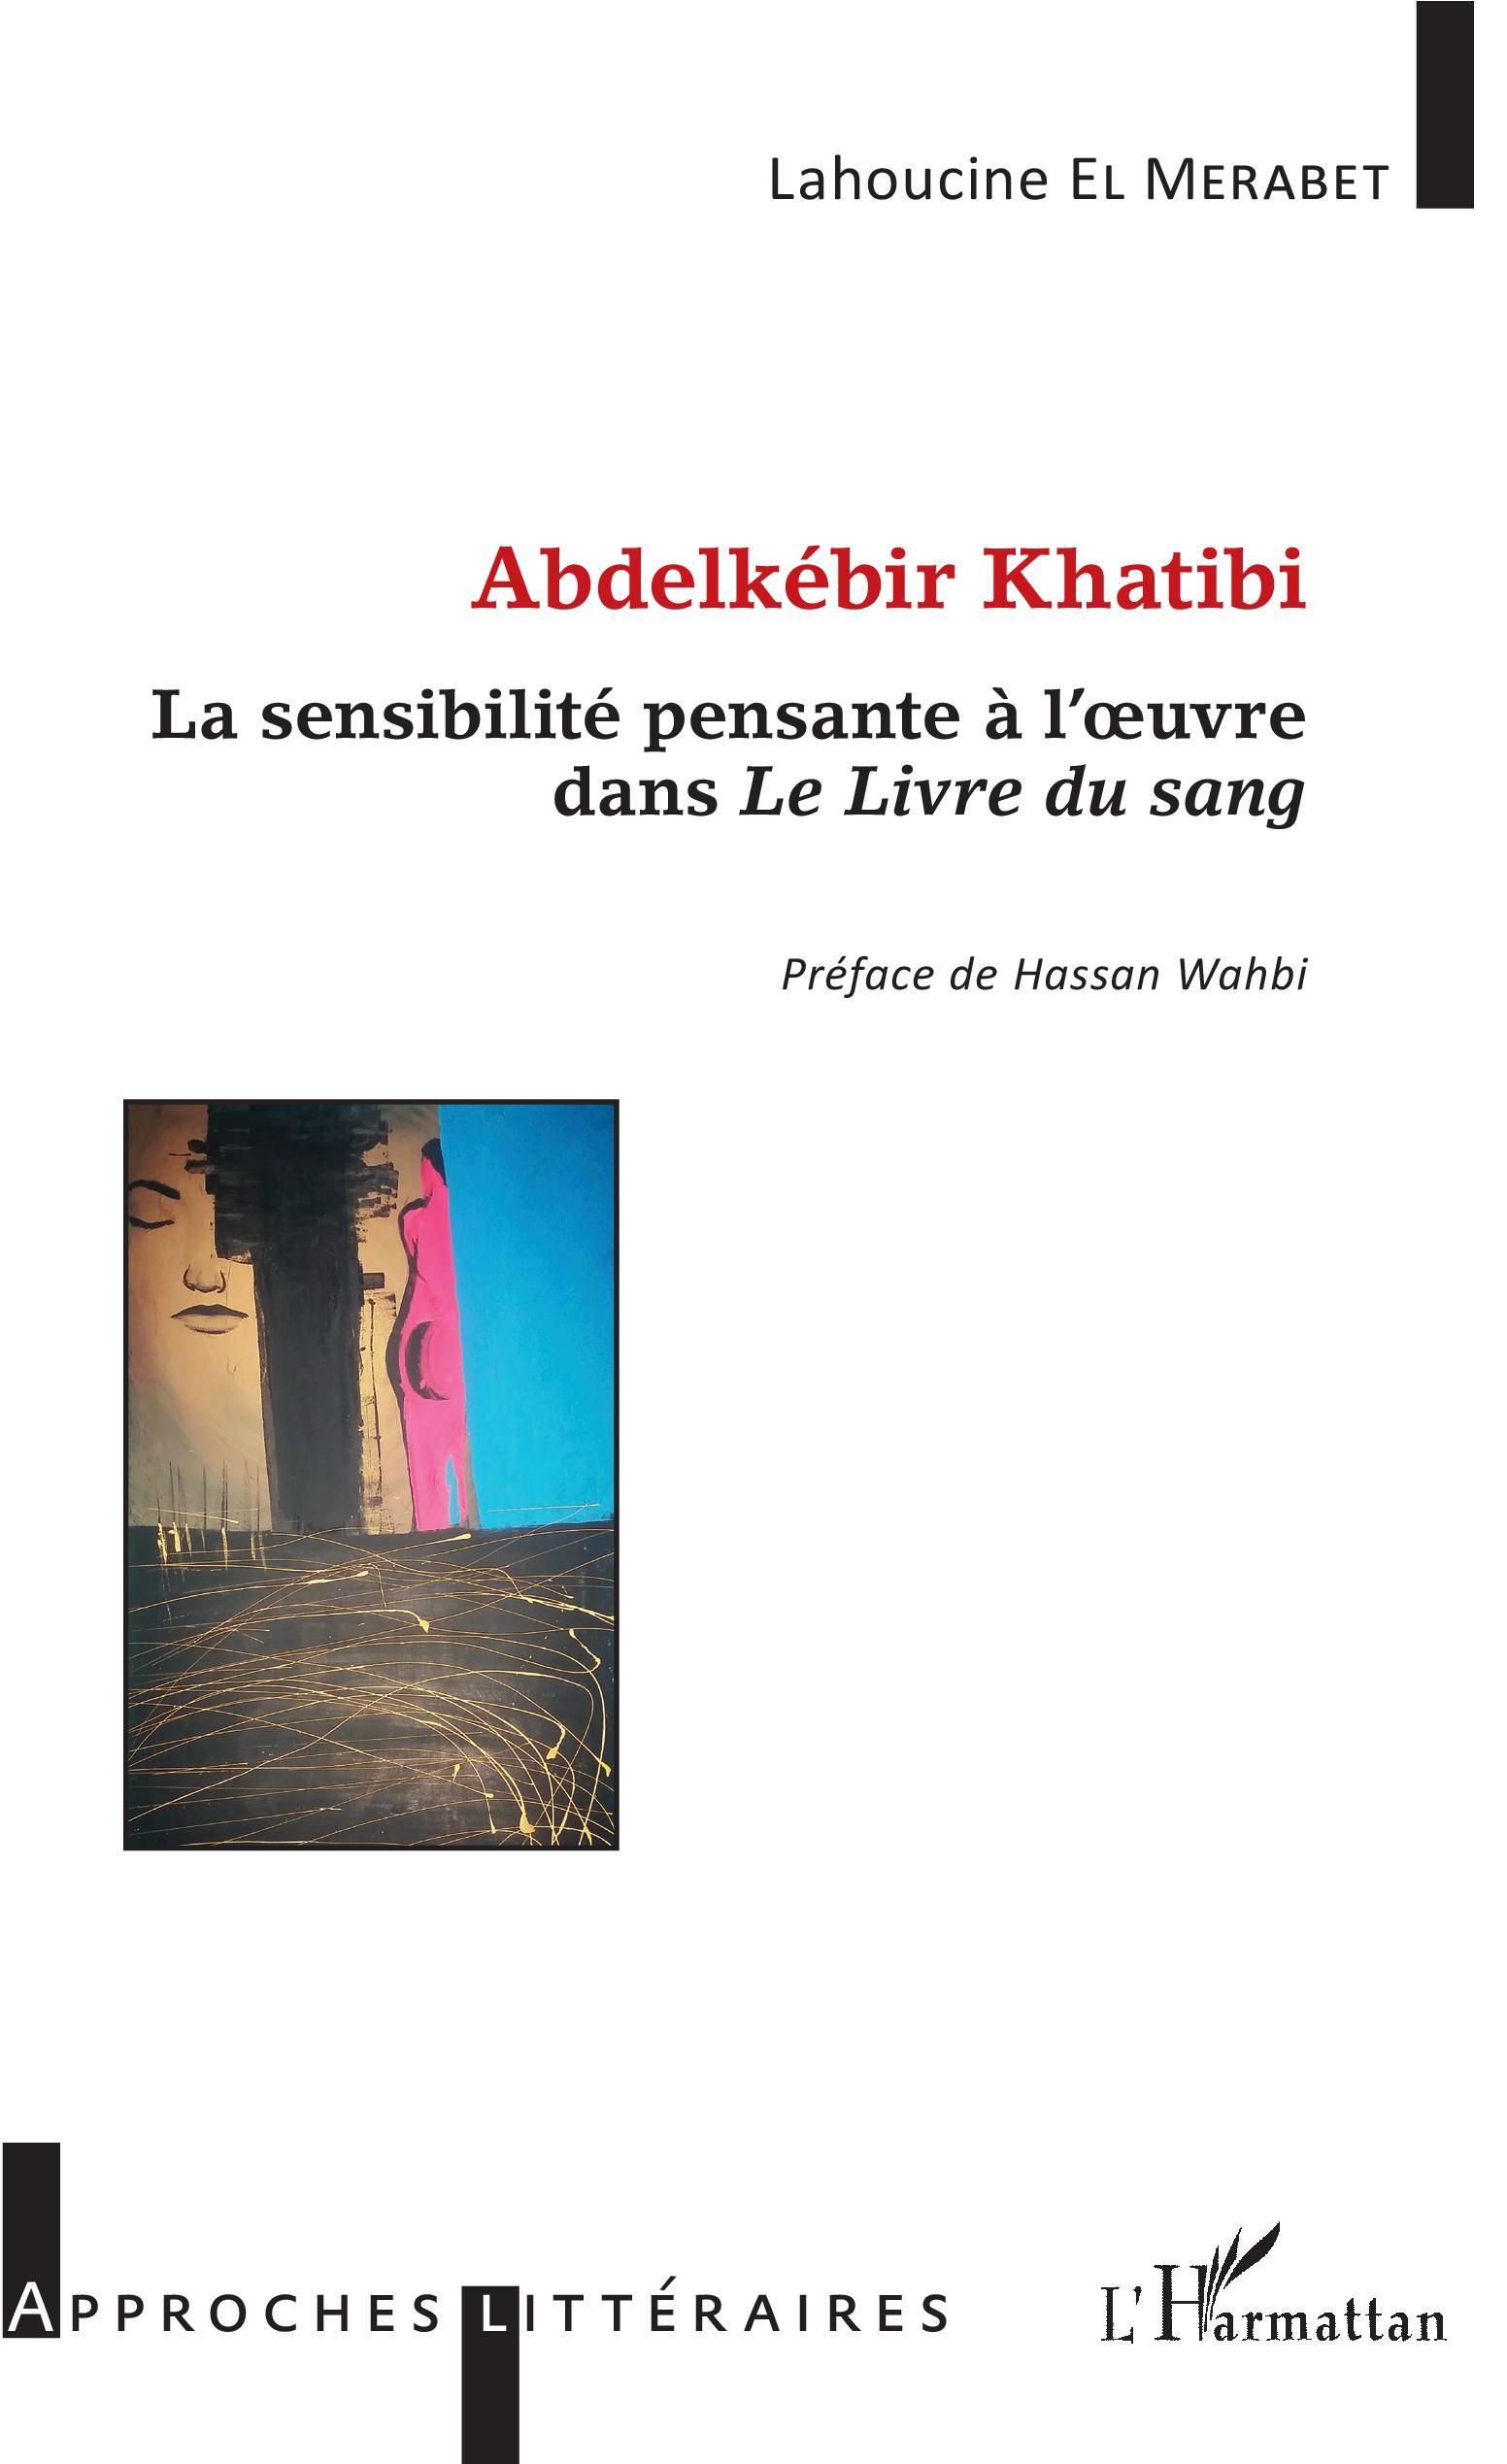 L. El Merabet, Abdelkébir Khatibi. La Sensibilité pensante à l'œuvre dans Le Livre du sang